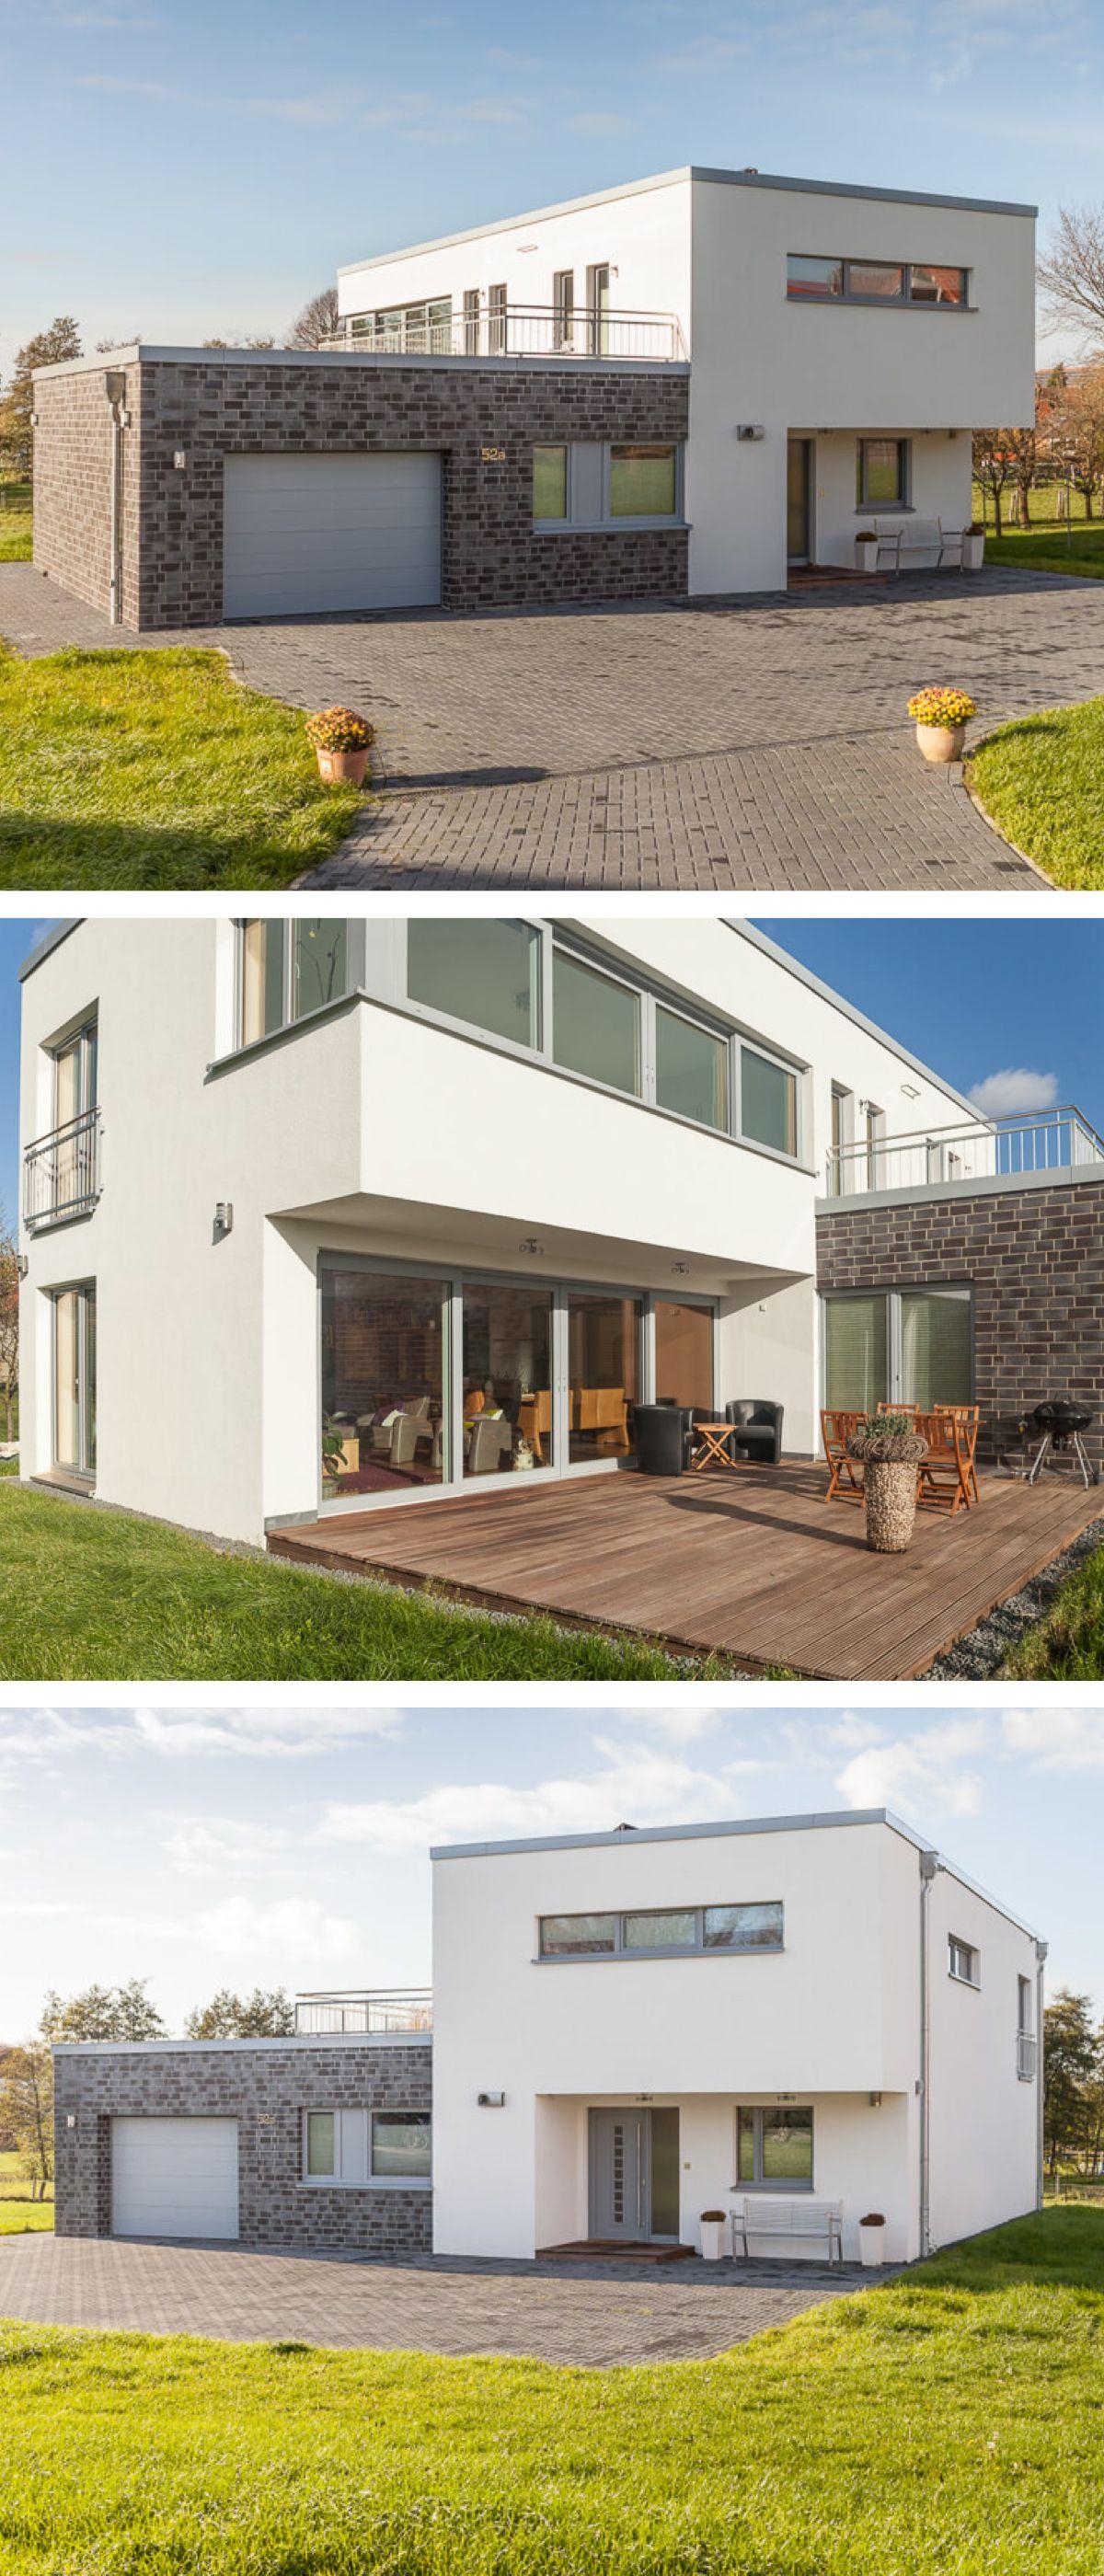 Bauhaus Stadtvilla mit Garage & Flachdach Architektur im